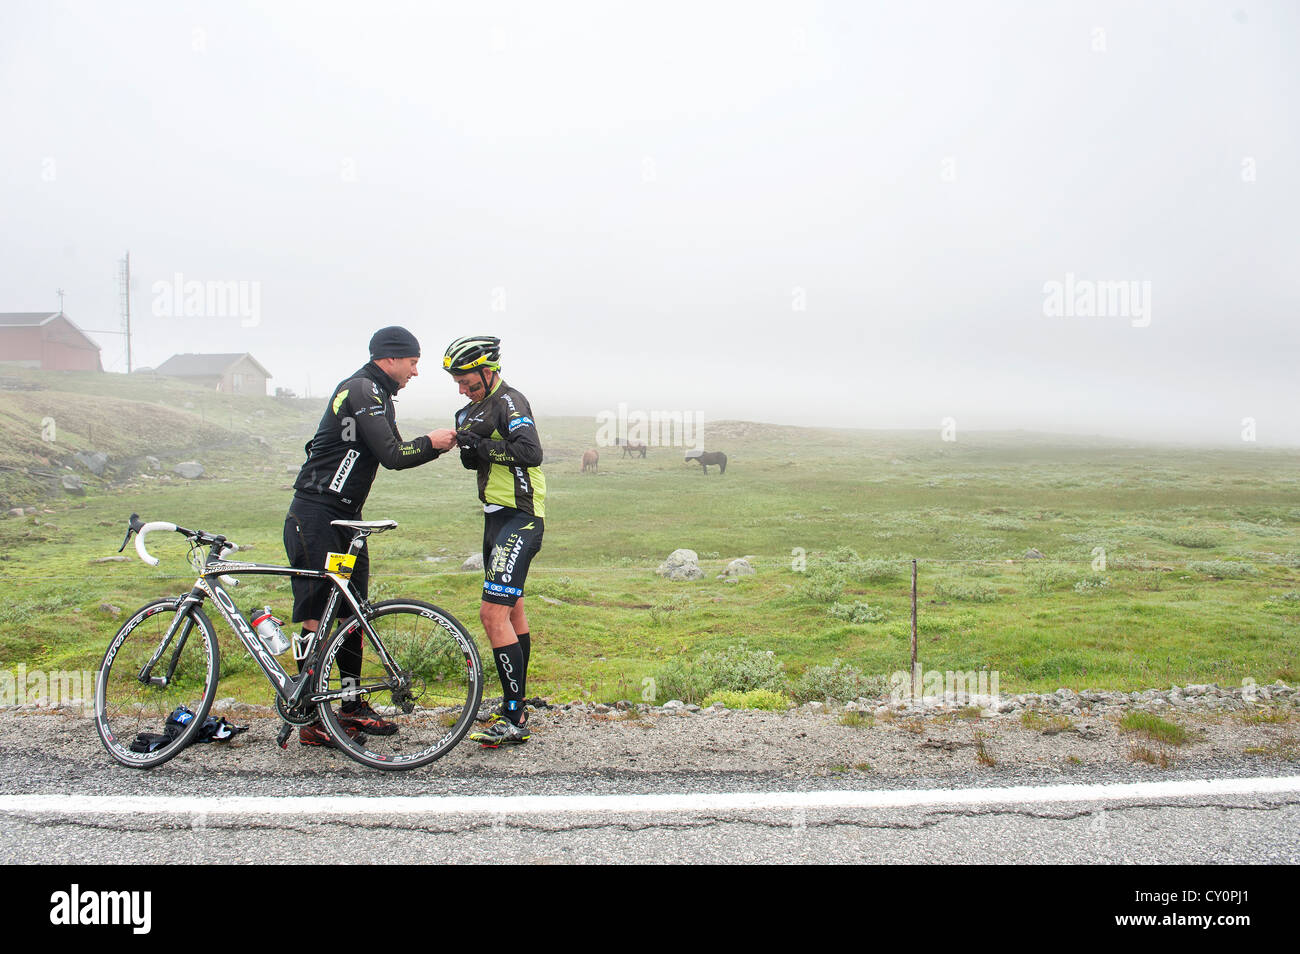 828a9df00 Xtreme Triathlon Stock Photos & Xtreme Triathlon Stock Images - Alamy